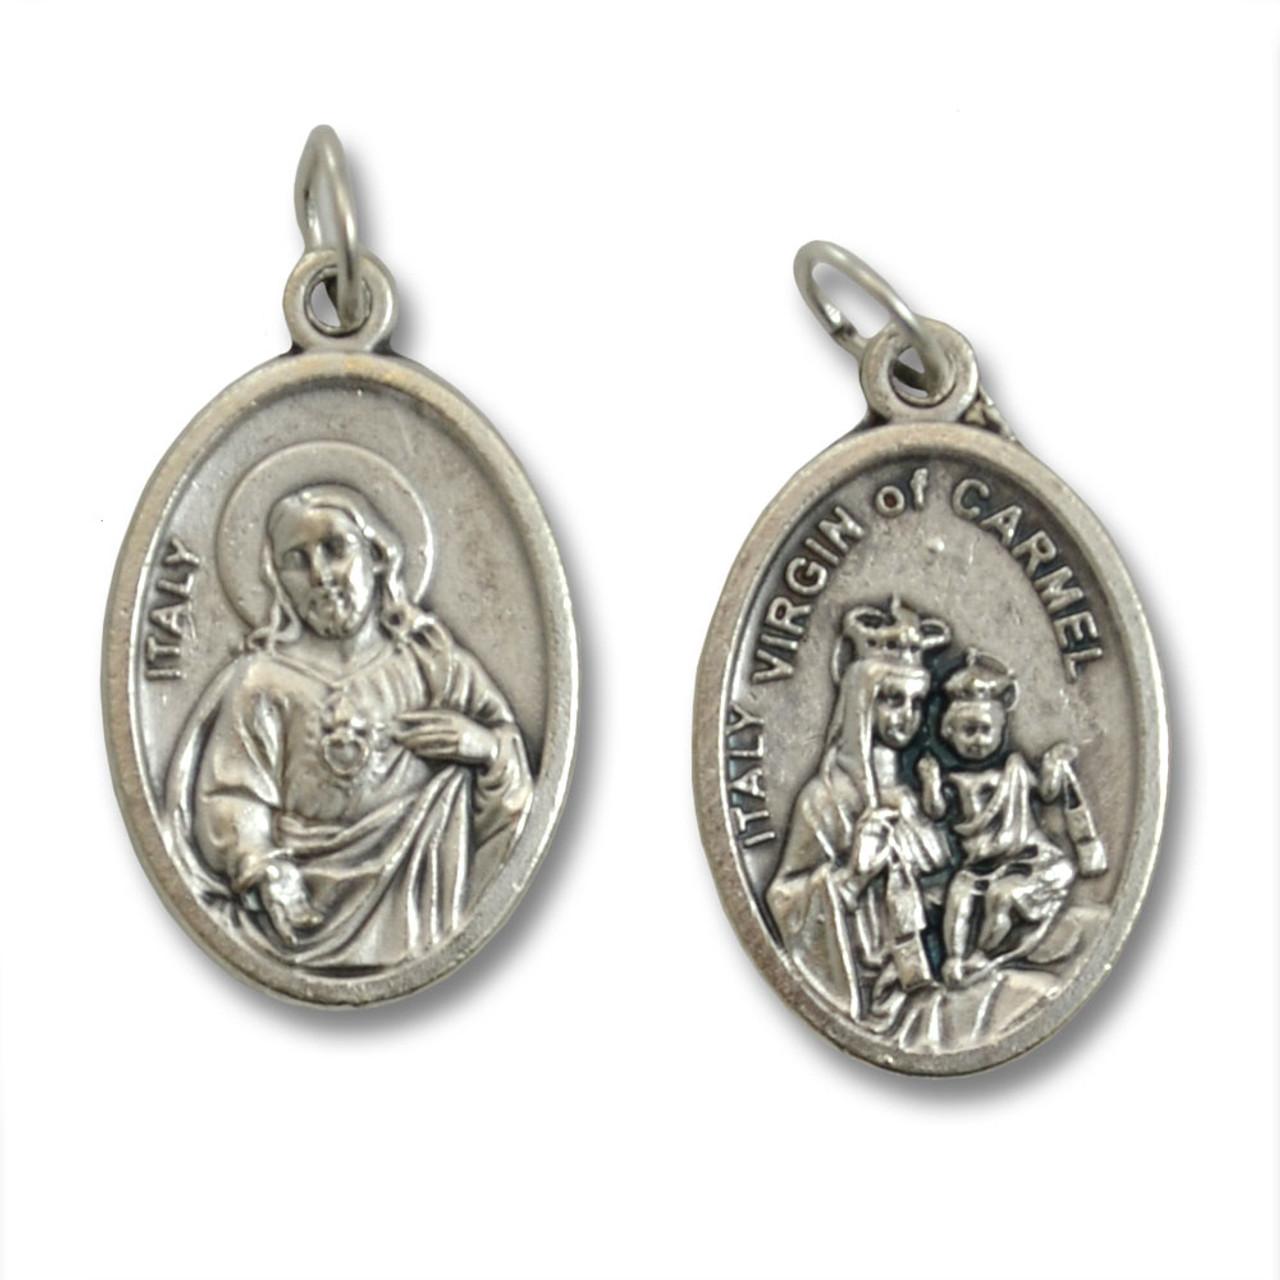 Scapular Devotional Medal